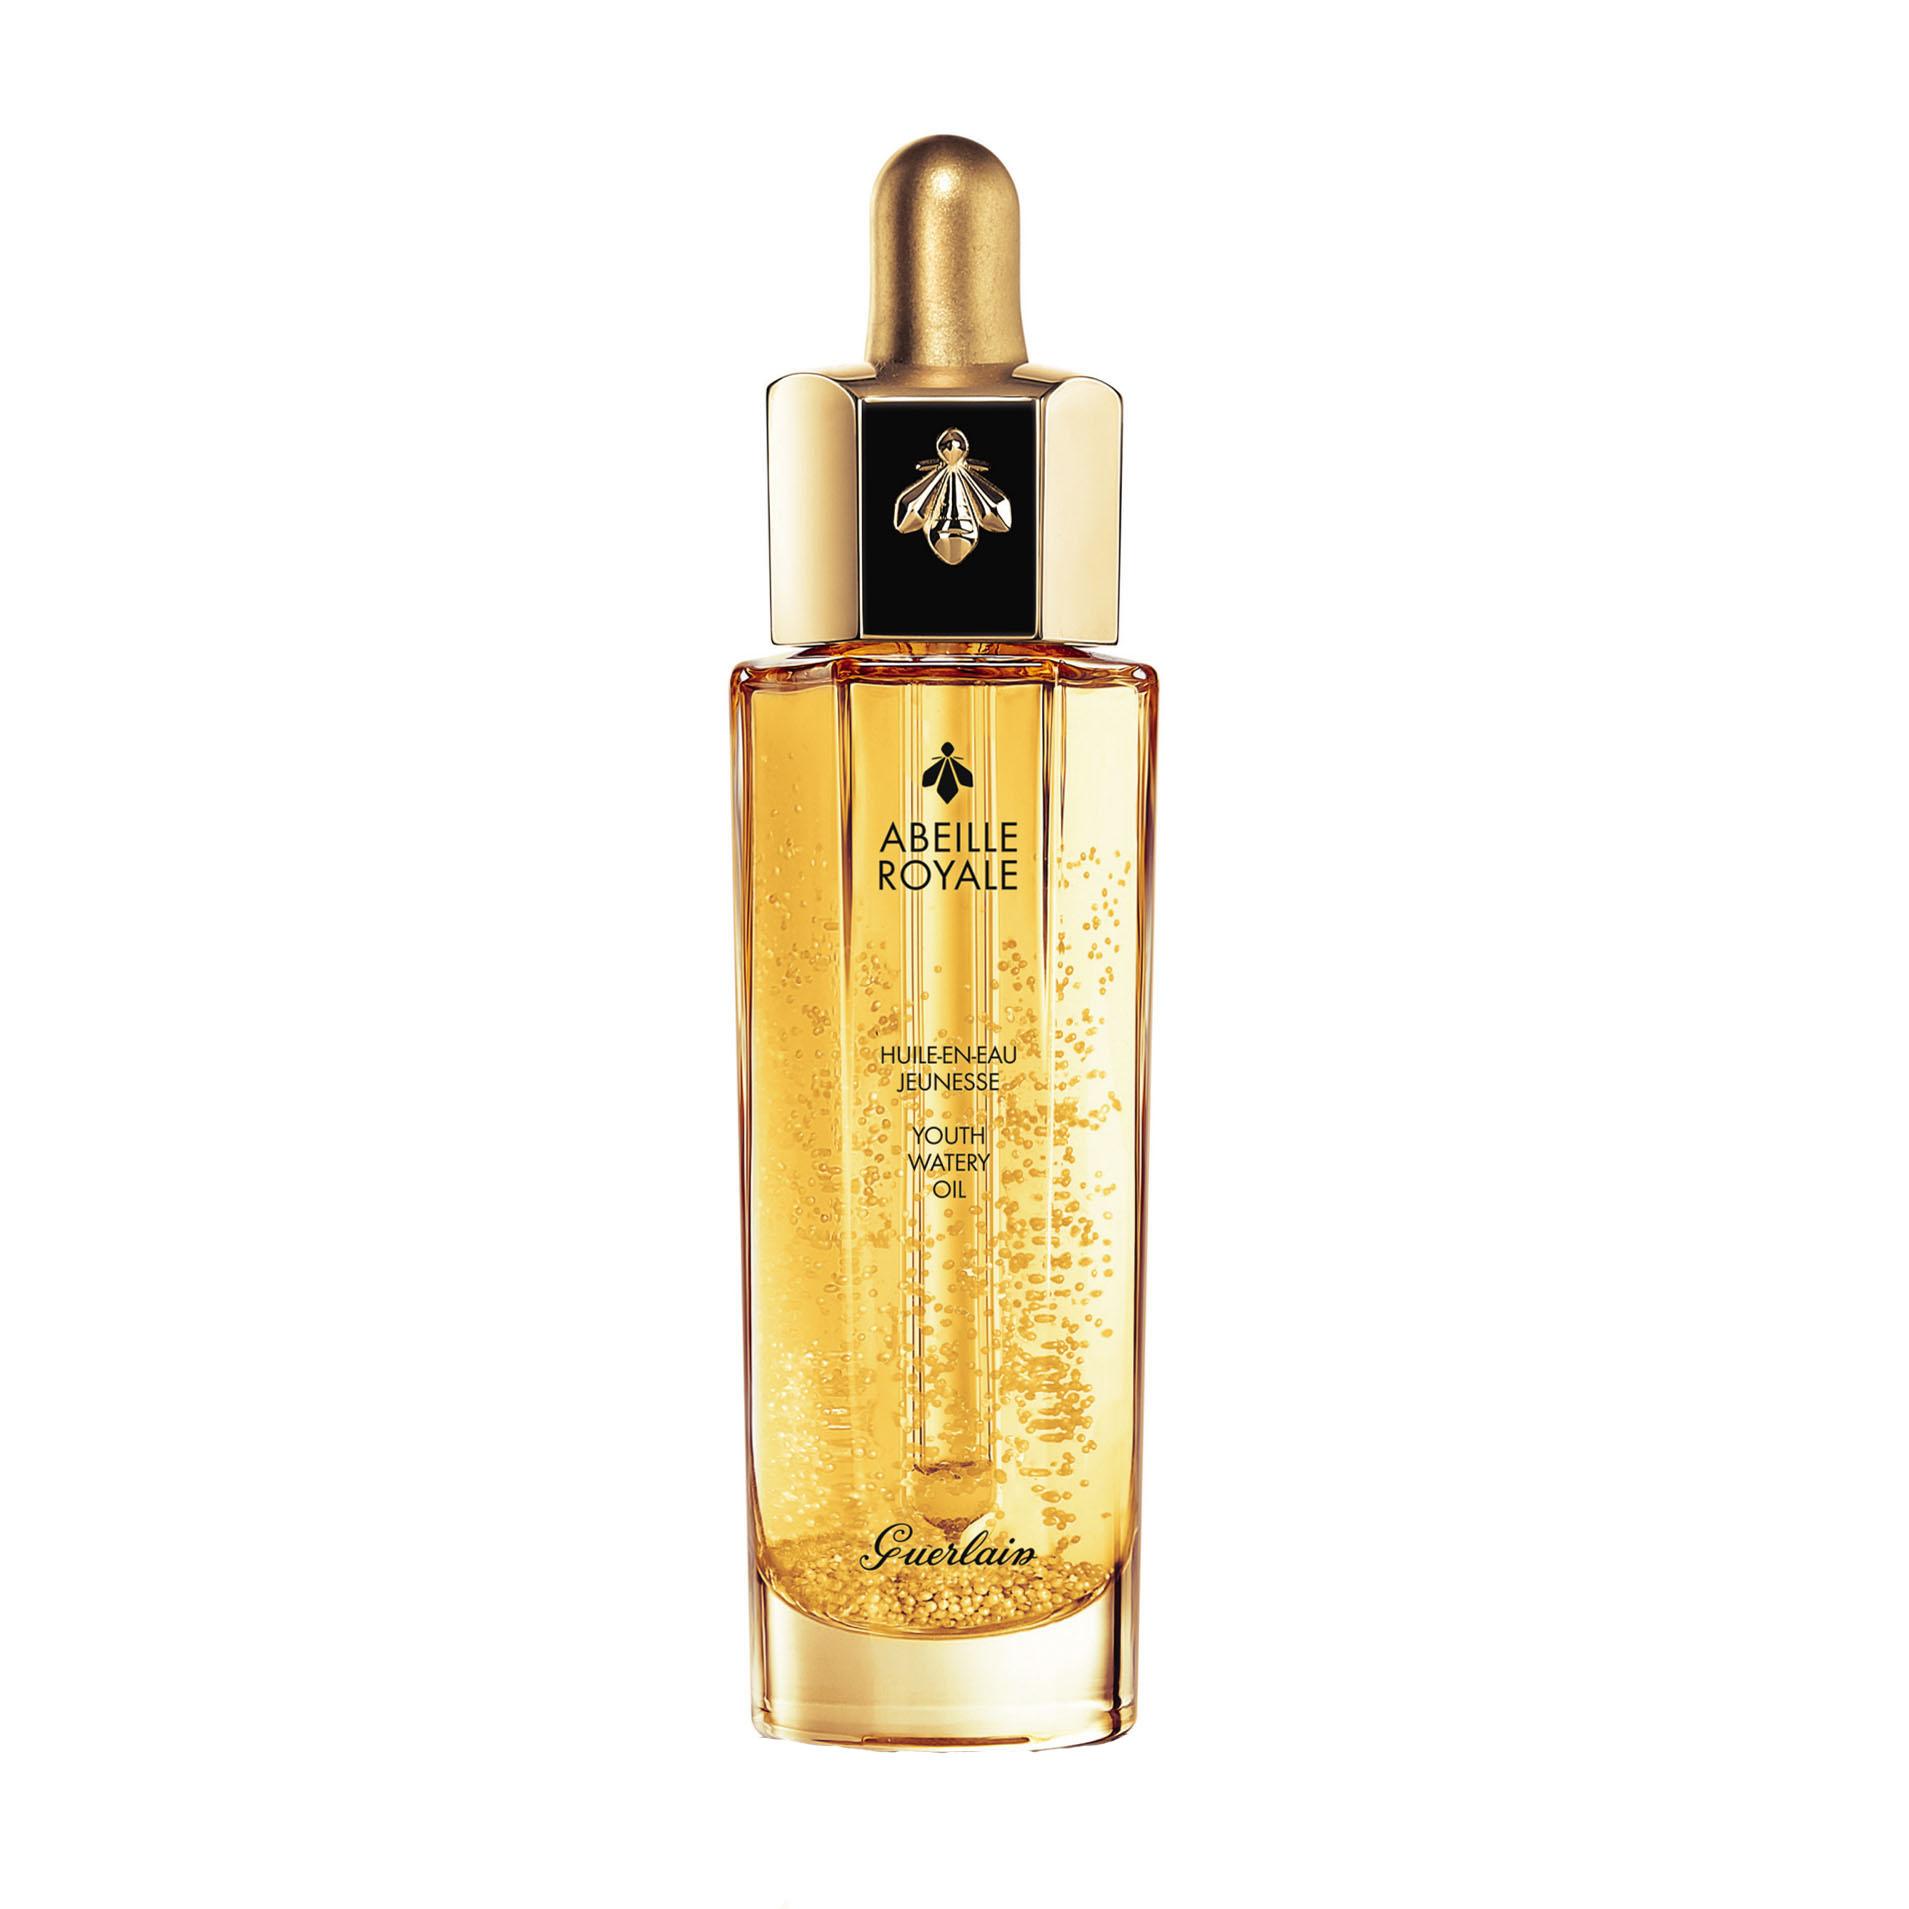 全新一代「皇家蜂王乳平衡油」,以更清新的水感質地,為肌膚缺水補水、缺油補油,油水協力恢復平衡美肌。享受輕盈如水、柔滑似蜜的的舒適和清新,更添加獨特的黃金微粒,使用前先搖一搖,讓沉澱瓶身底部的黃金微粒藉